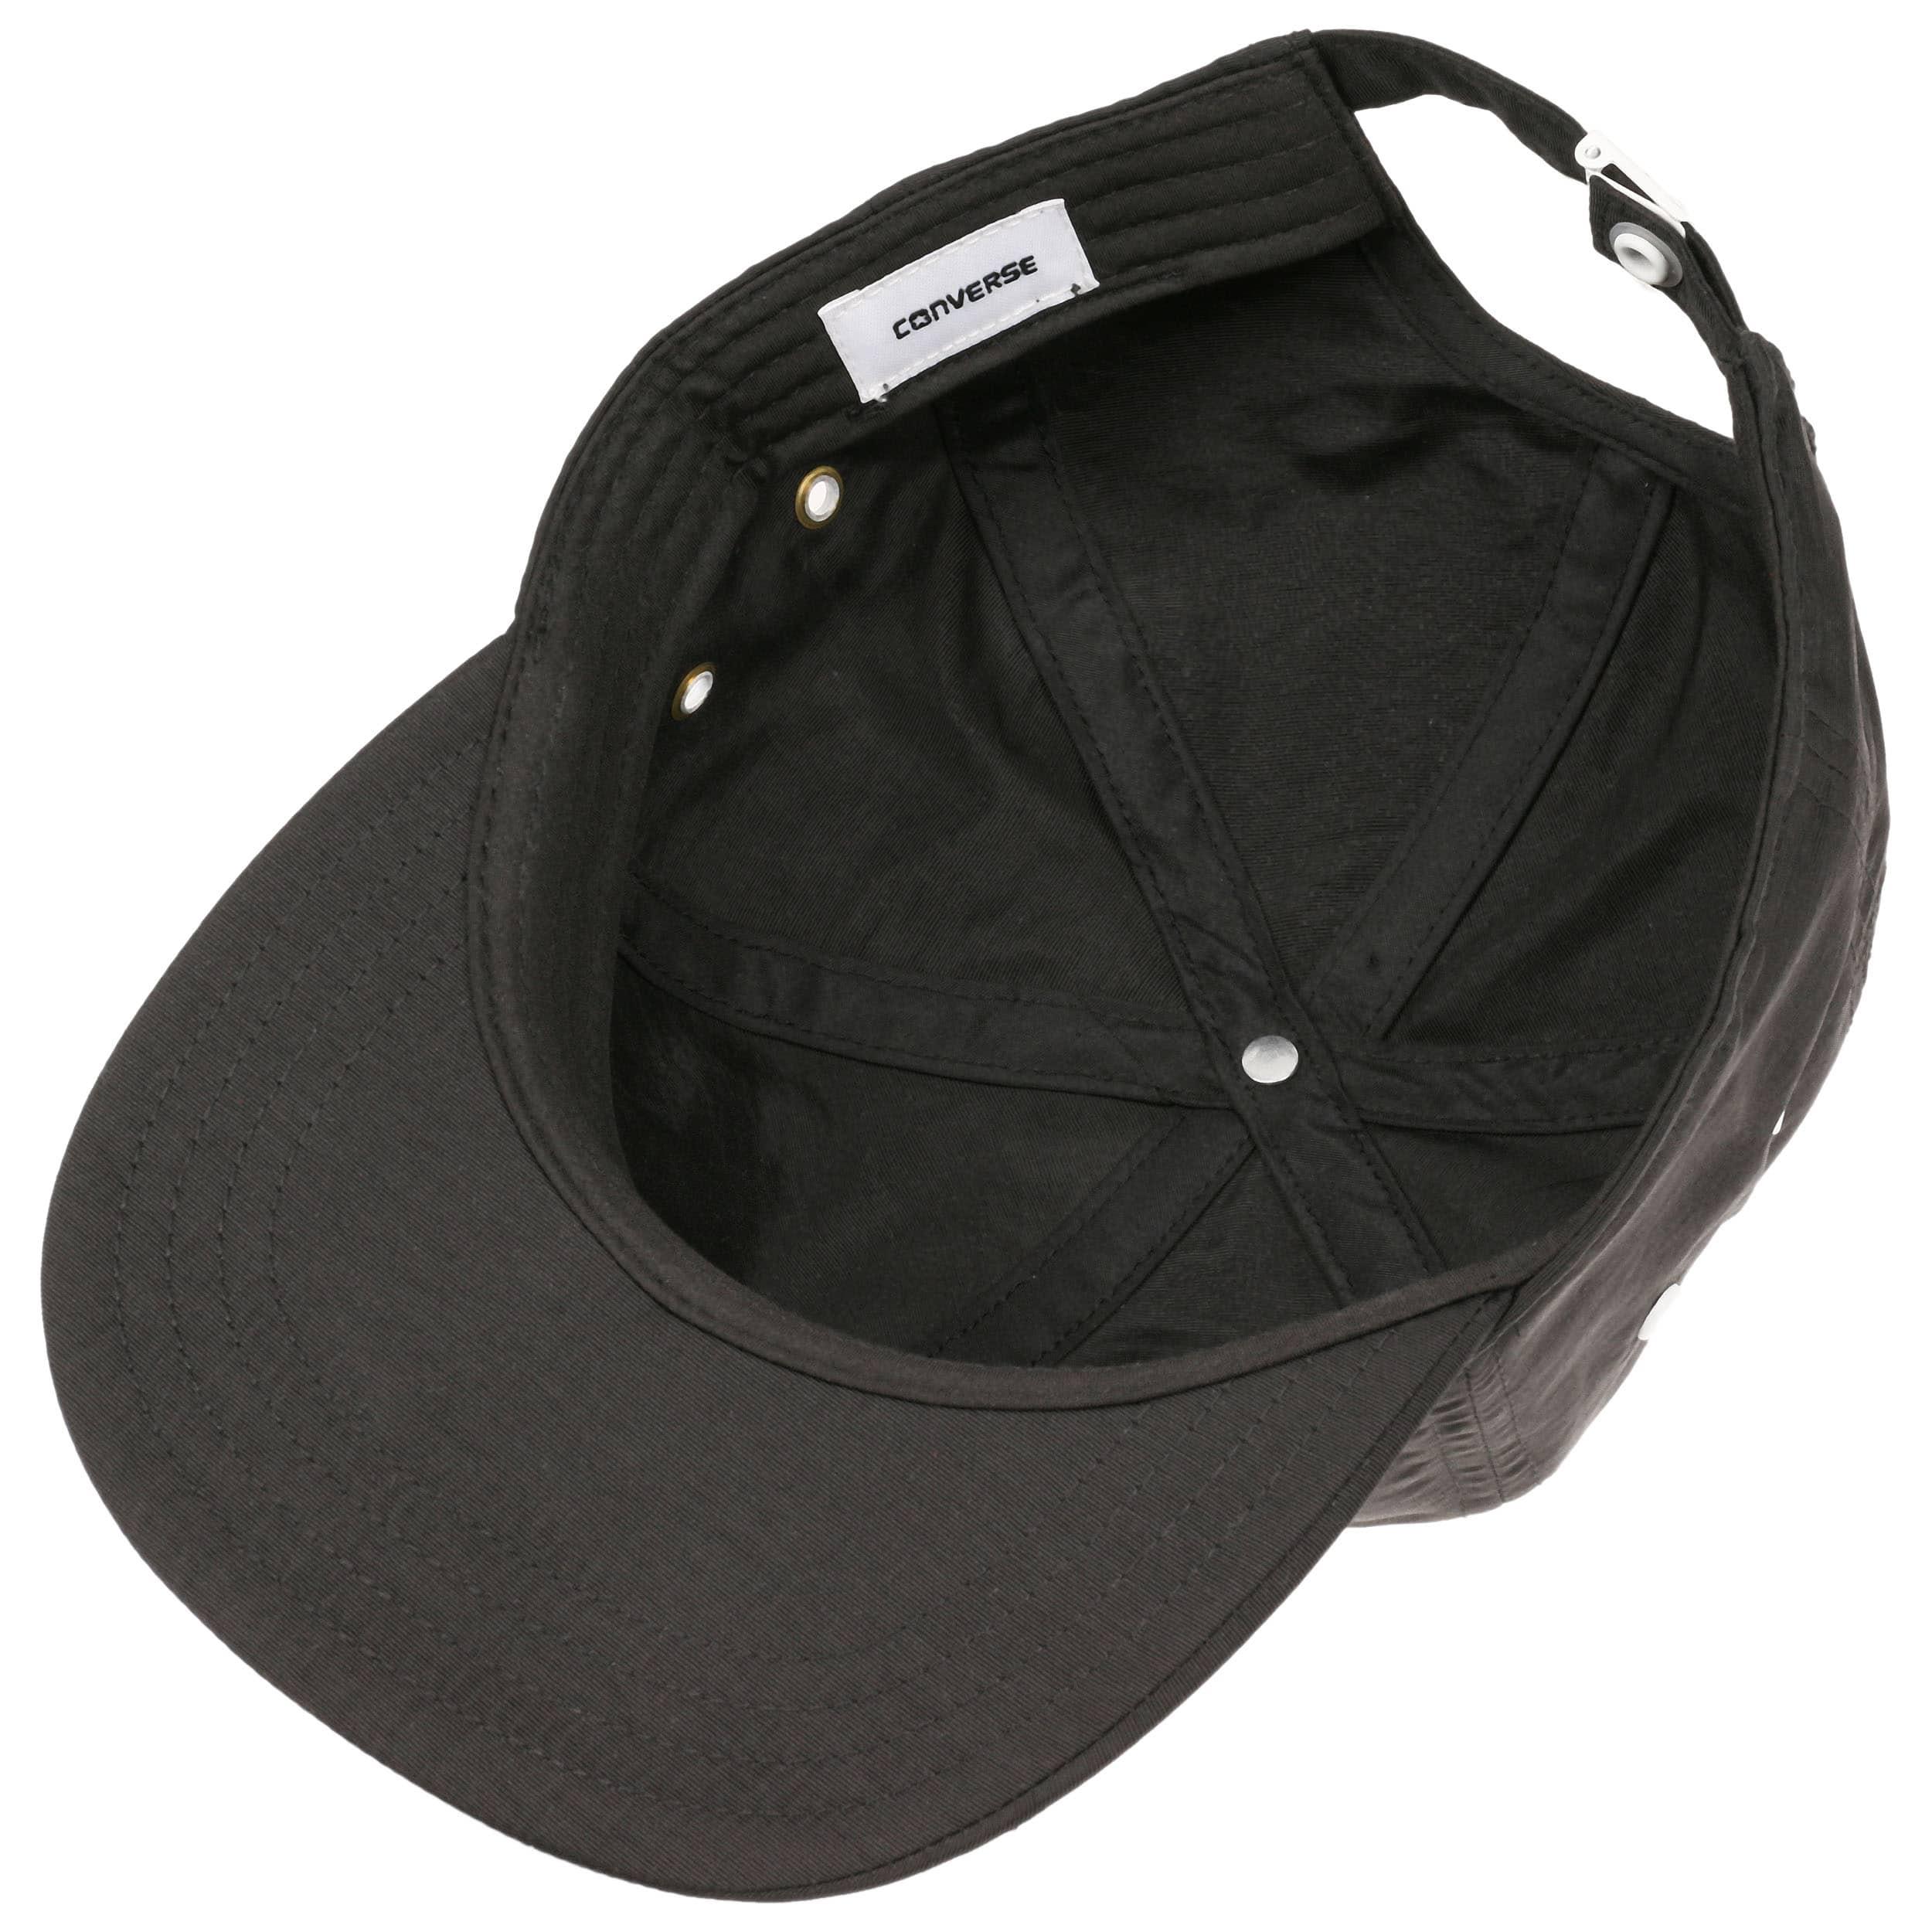 ... Crushable Snapback Cap by Converse - black 2 ... 5b7da3e422e